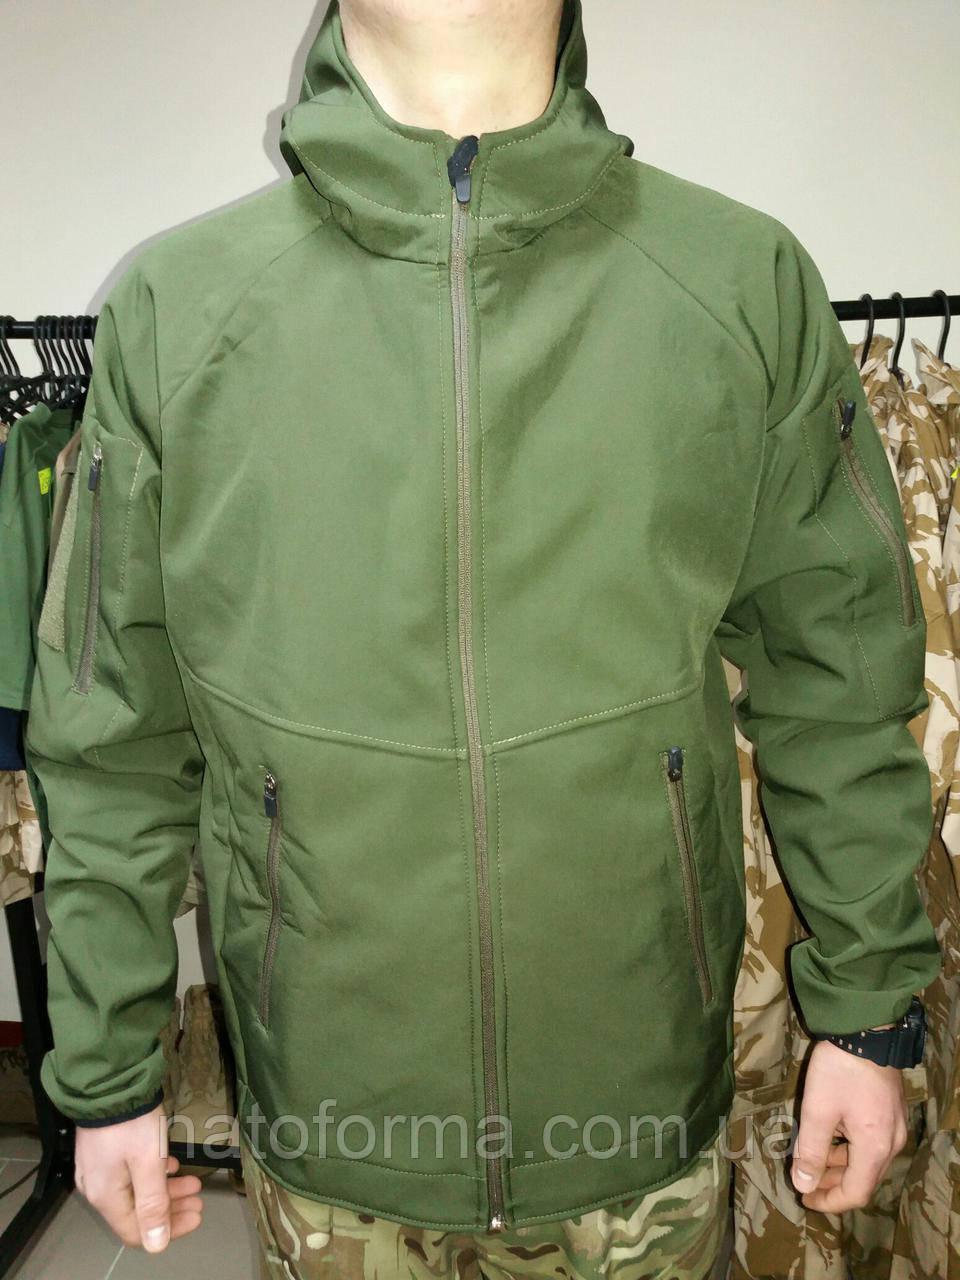 Куртка тактическая, Soft Shell, олива